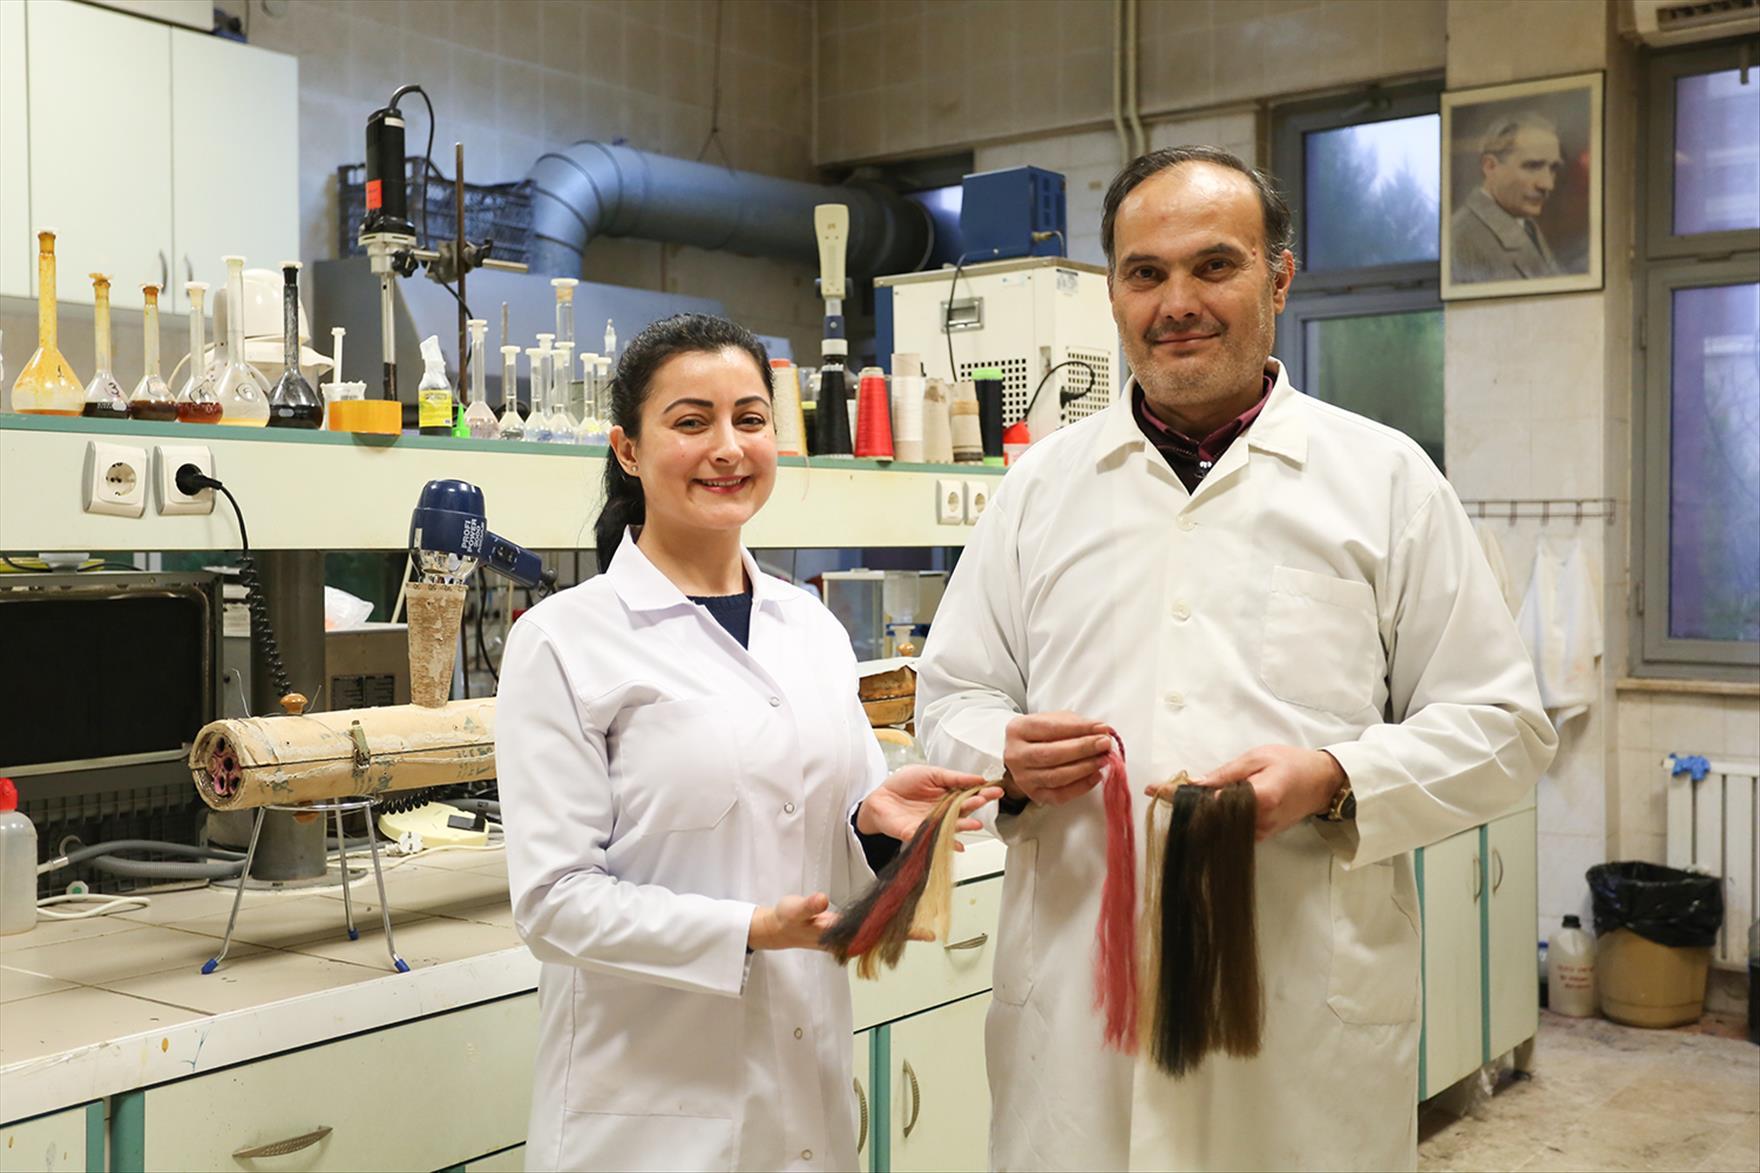 PAÜ Kimya Bölümünün Çalışmalarını Sürdürdüğü Gerçek Saç ile Kaplı Sentetik Saçlar Gerçeğini Aratmıyor